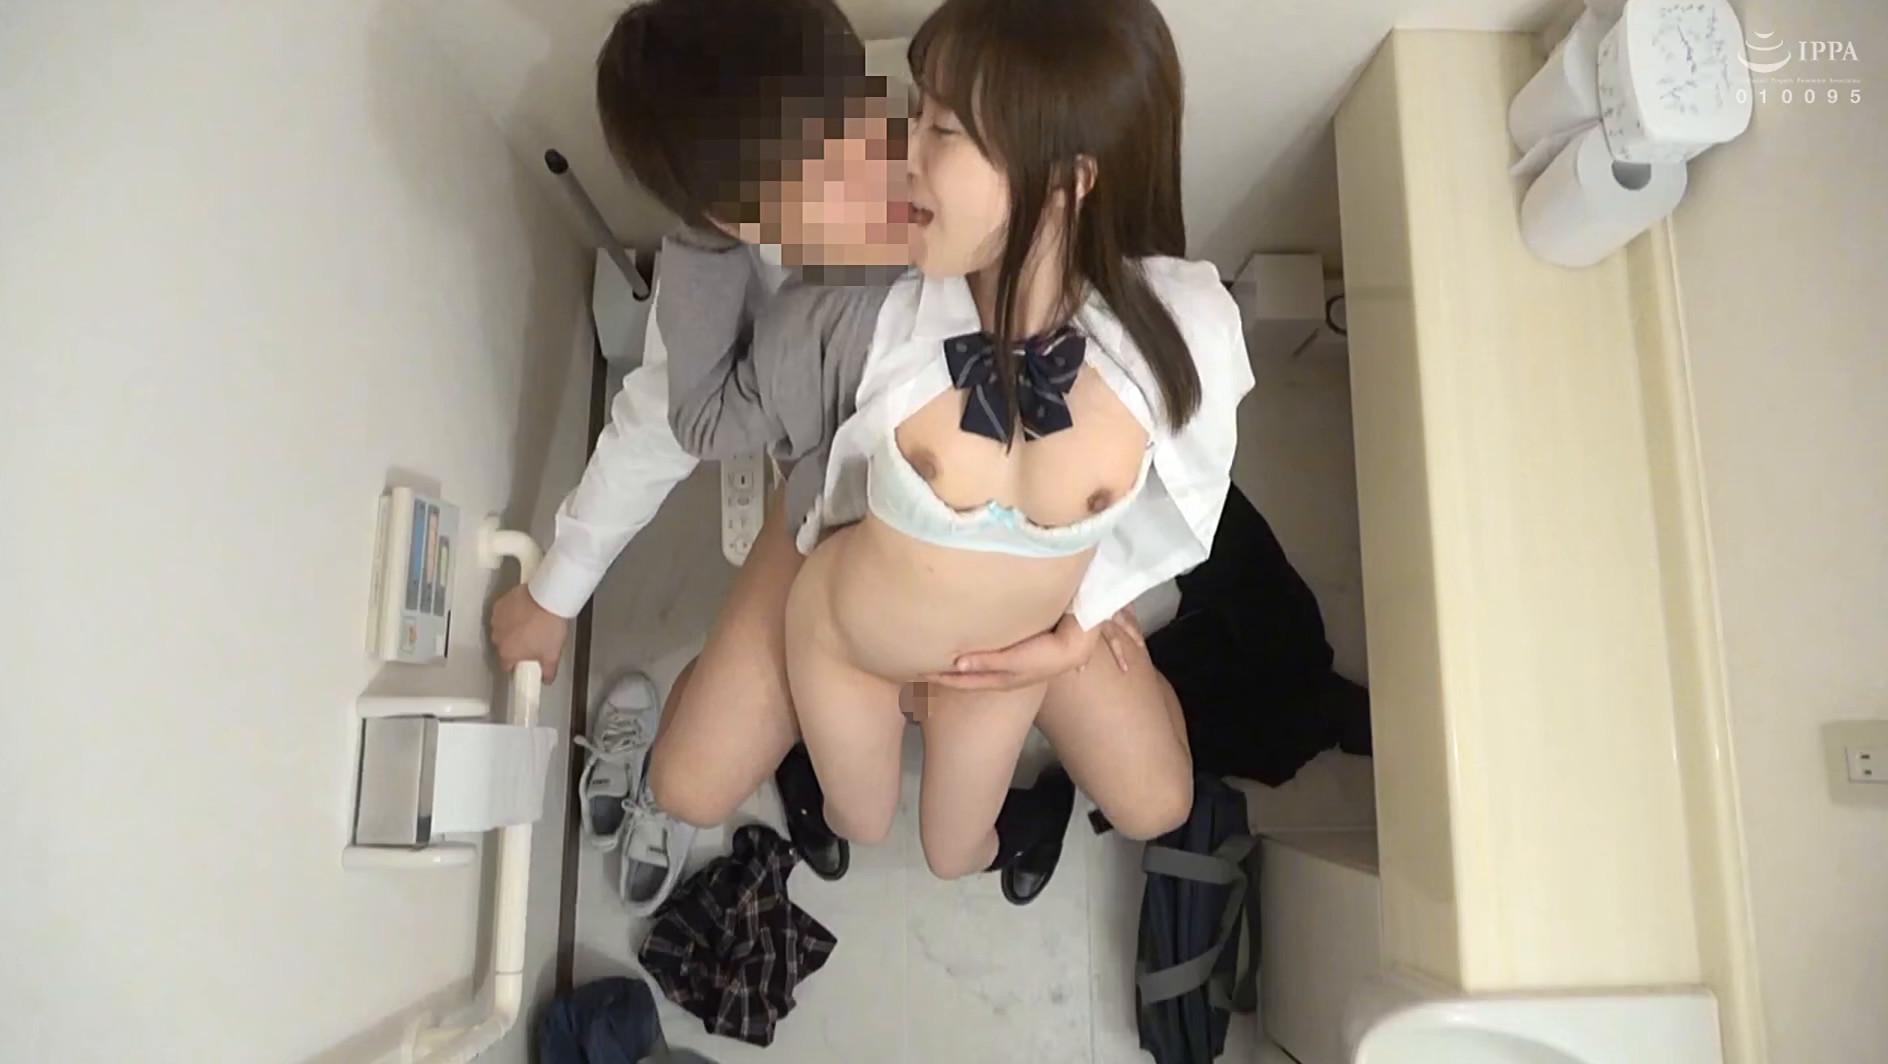 女子○生 トイレSEX盗撮 2 画像8